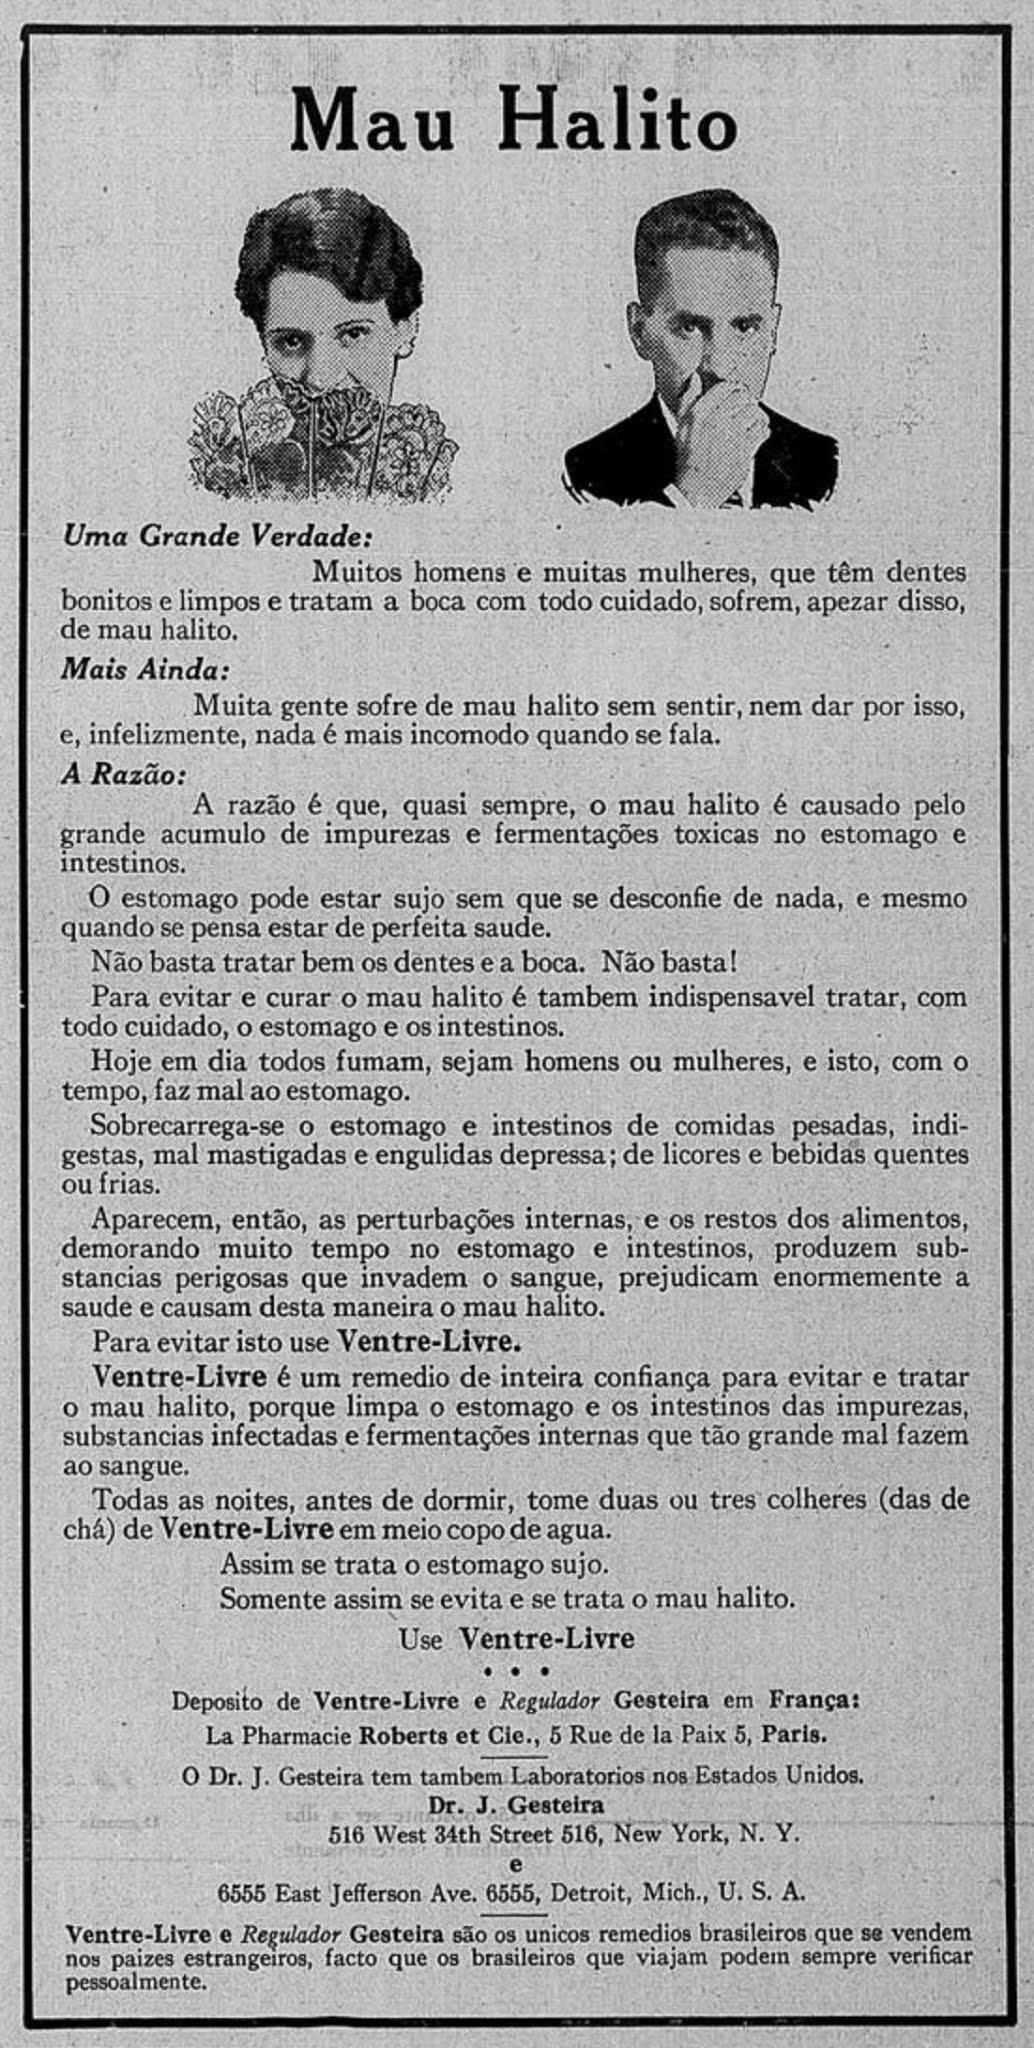 Anúncio de 1935 de medicamento para aliviar o mau hálito